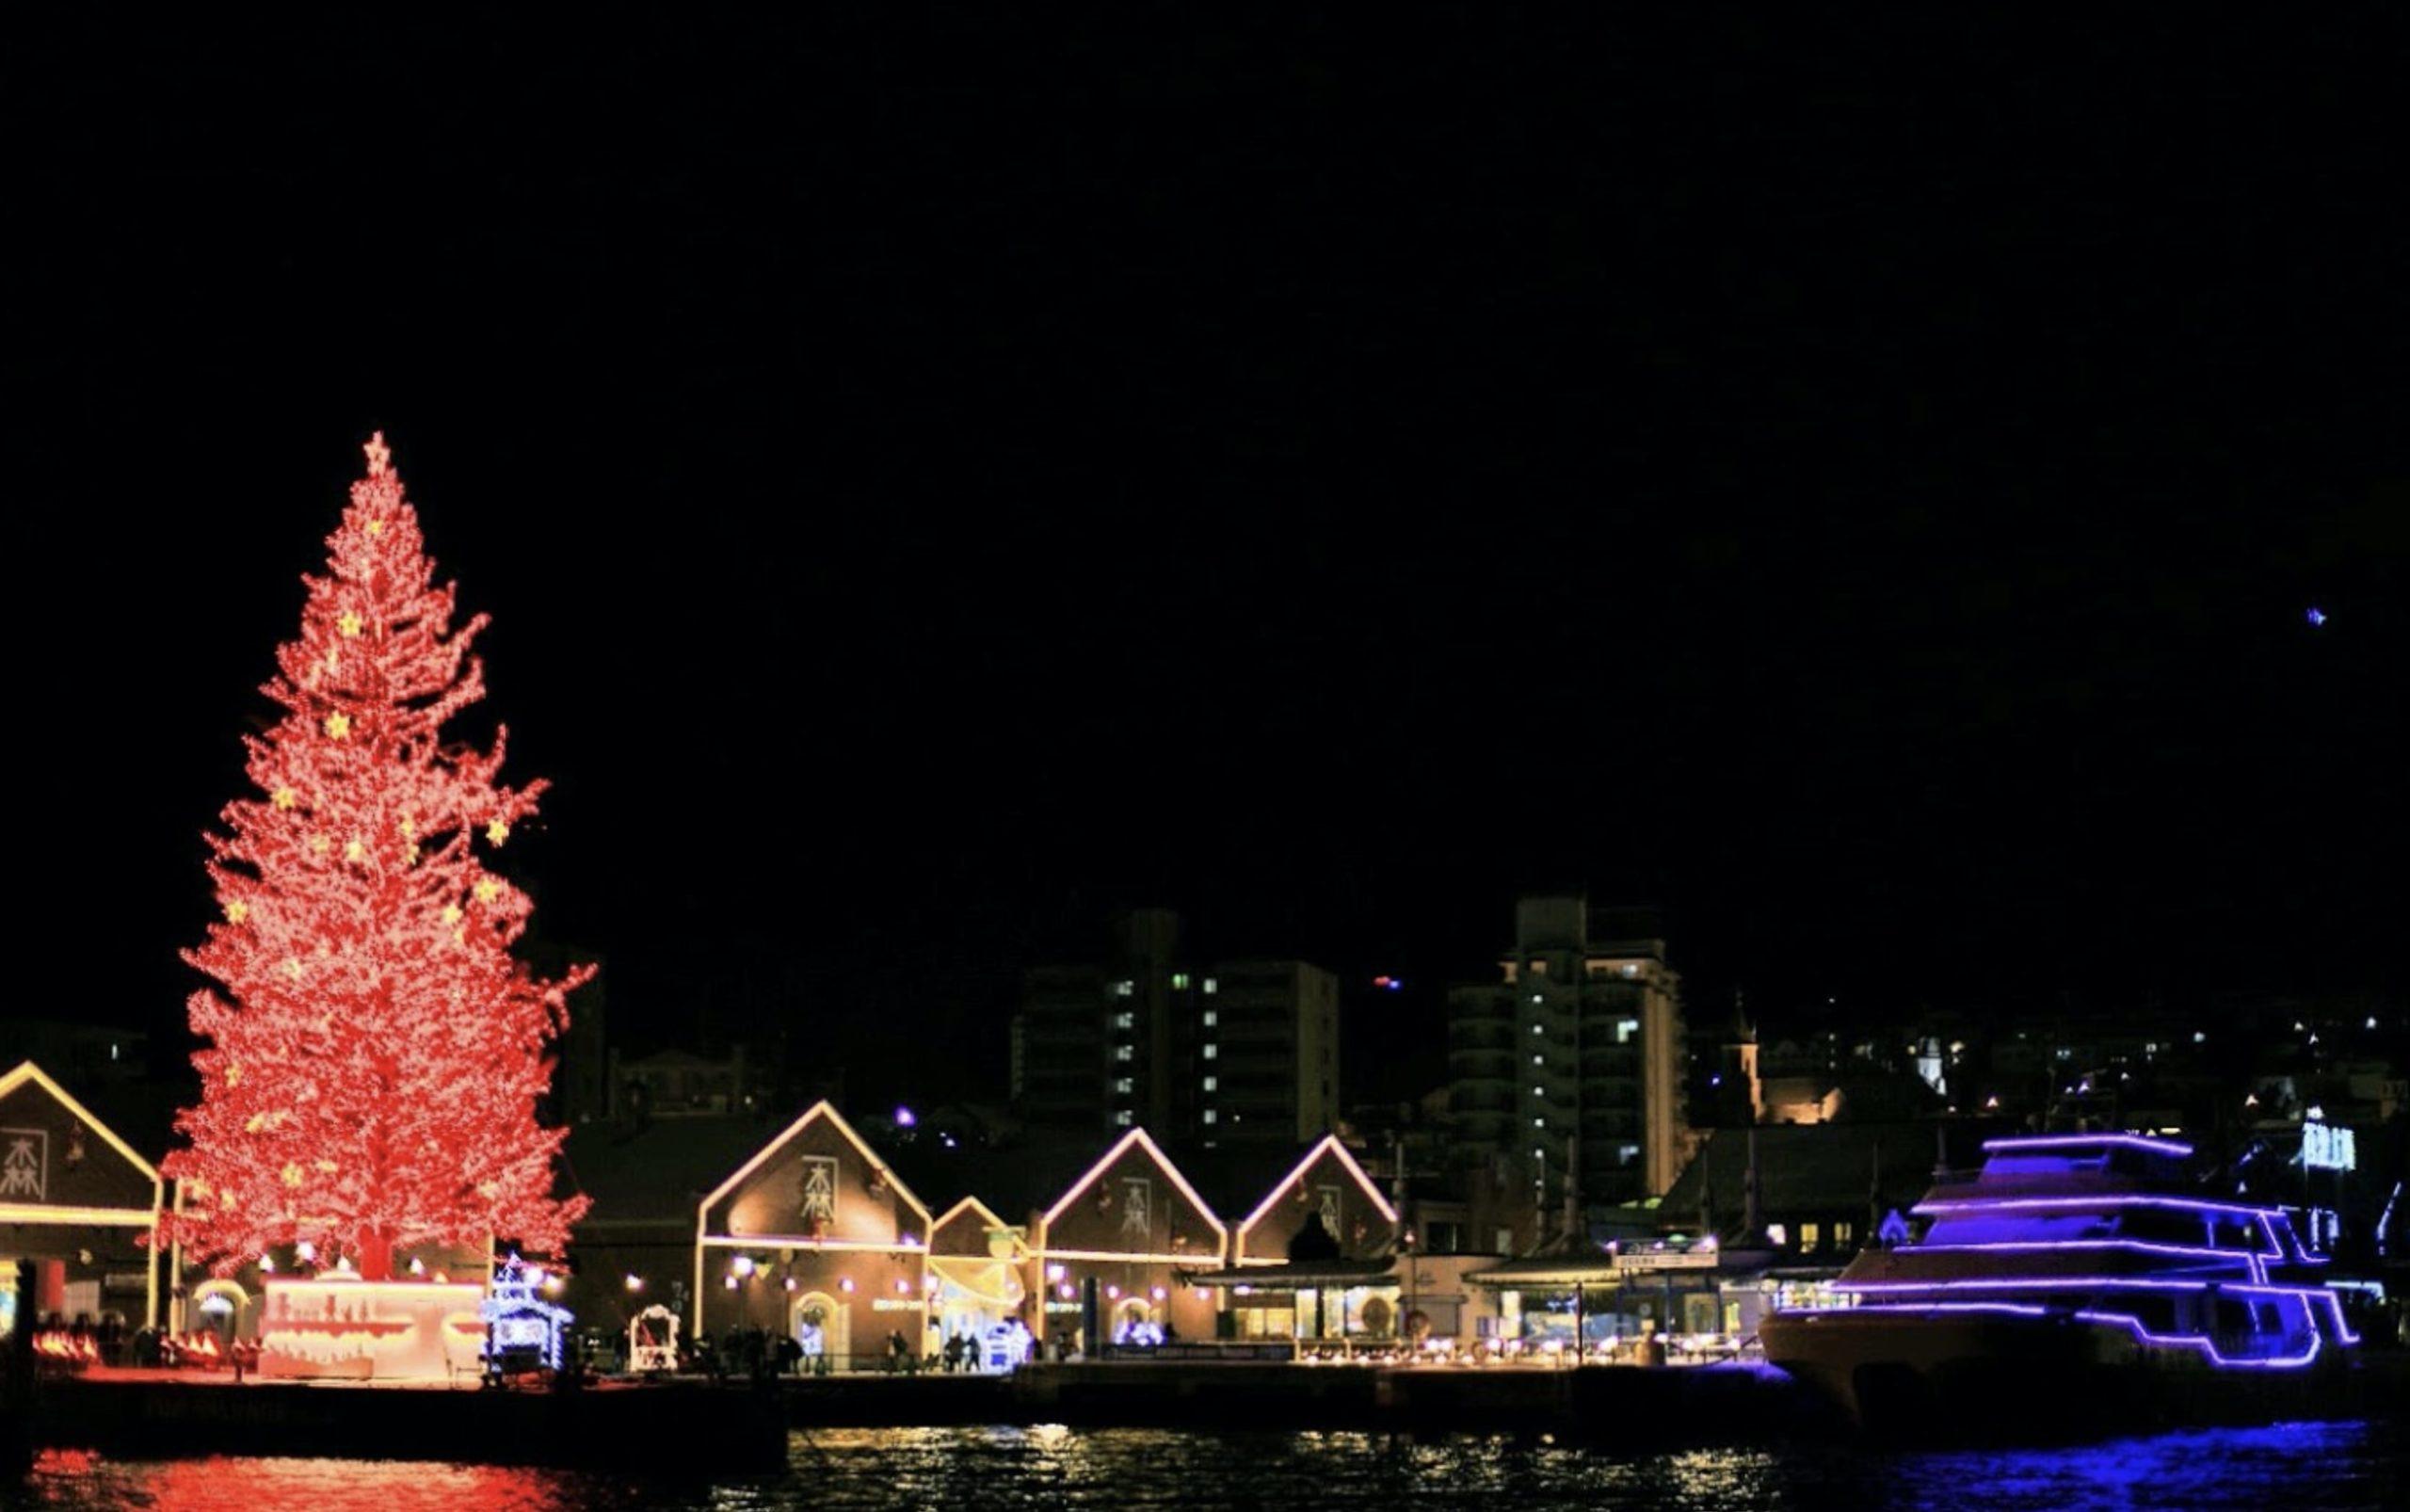 はこだてクリスマスファンタジープレミアムレドツリー